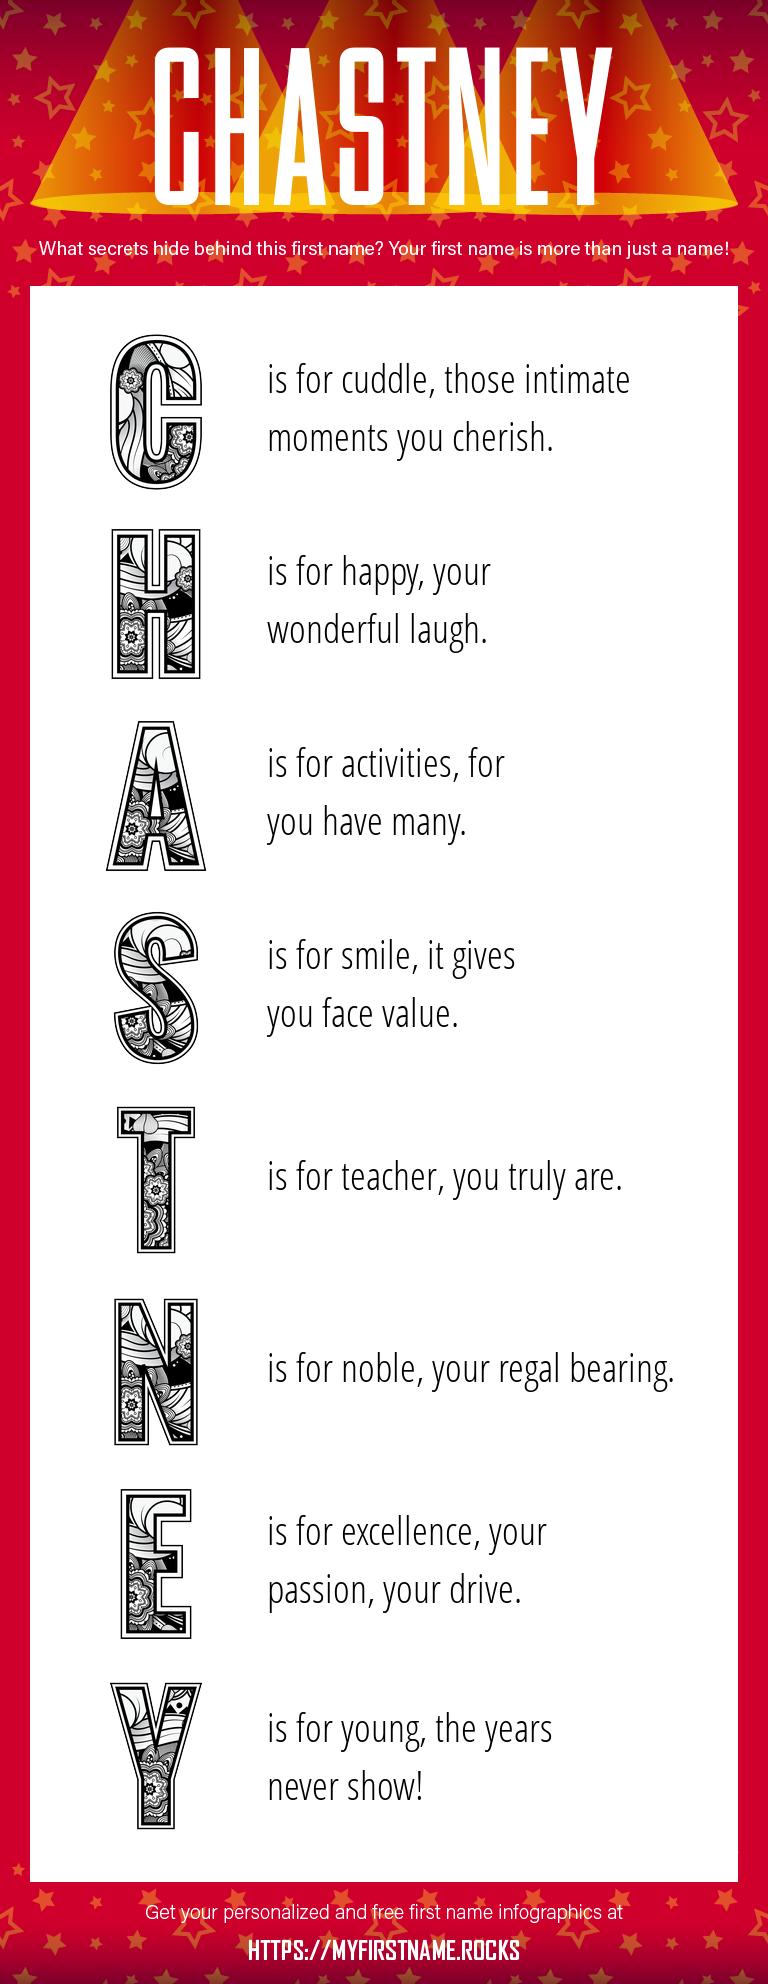 Chastney Infographics